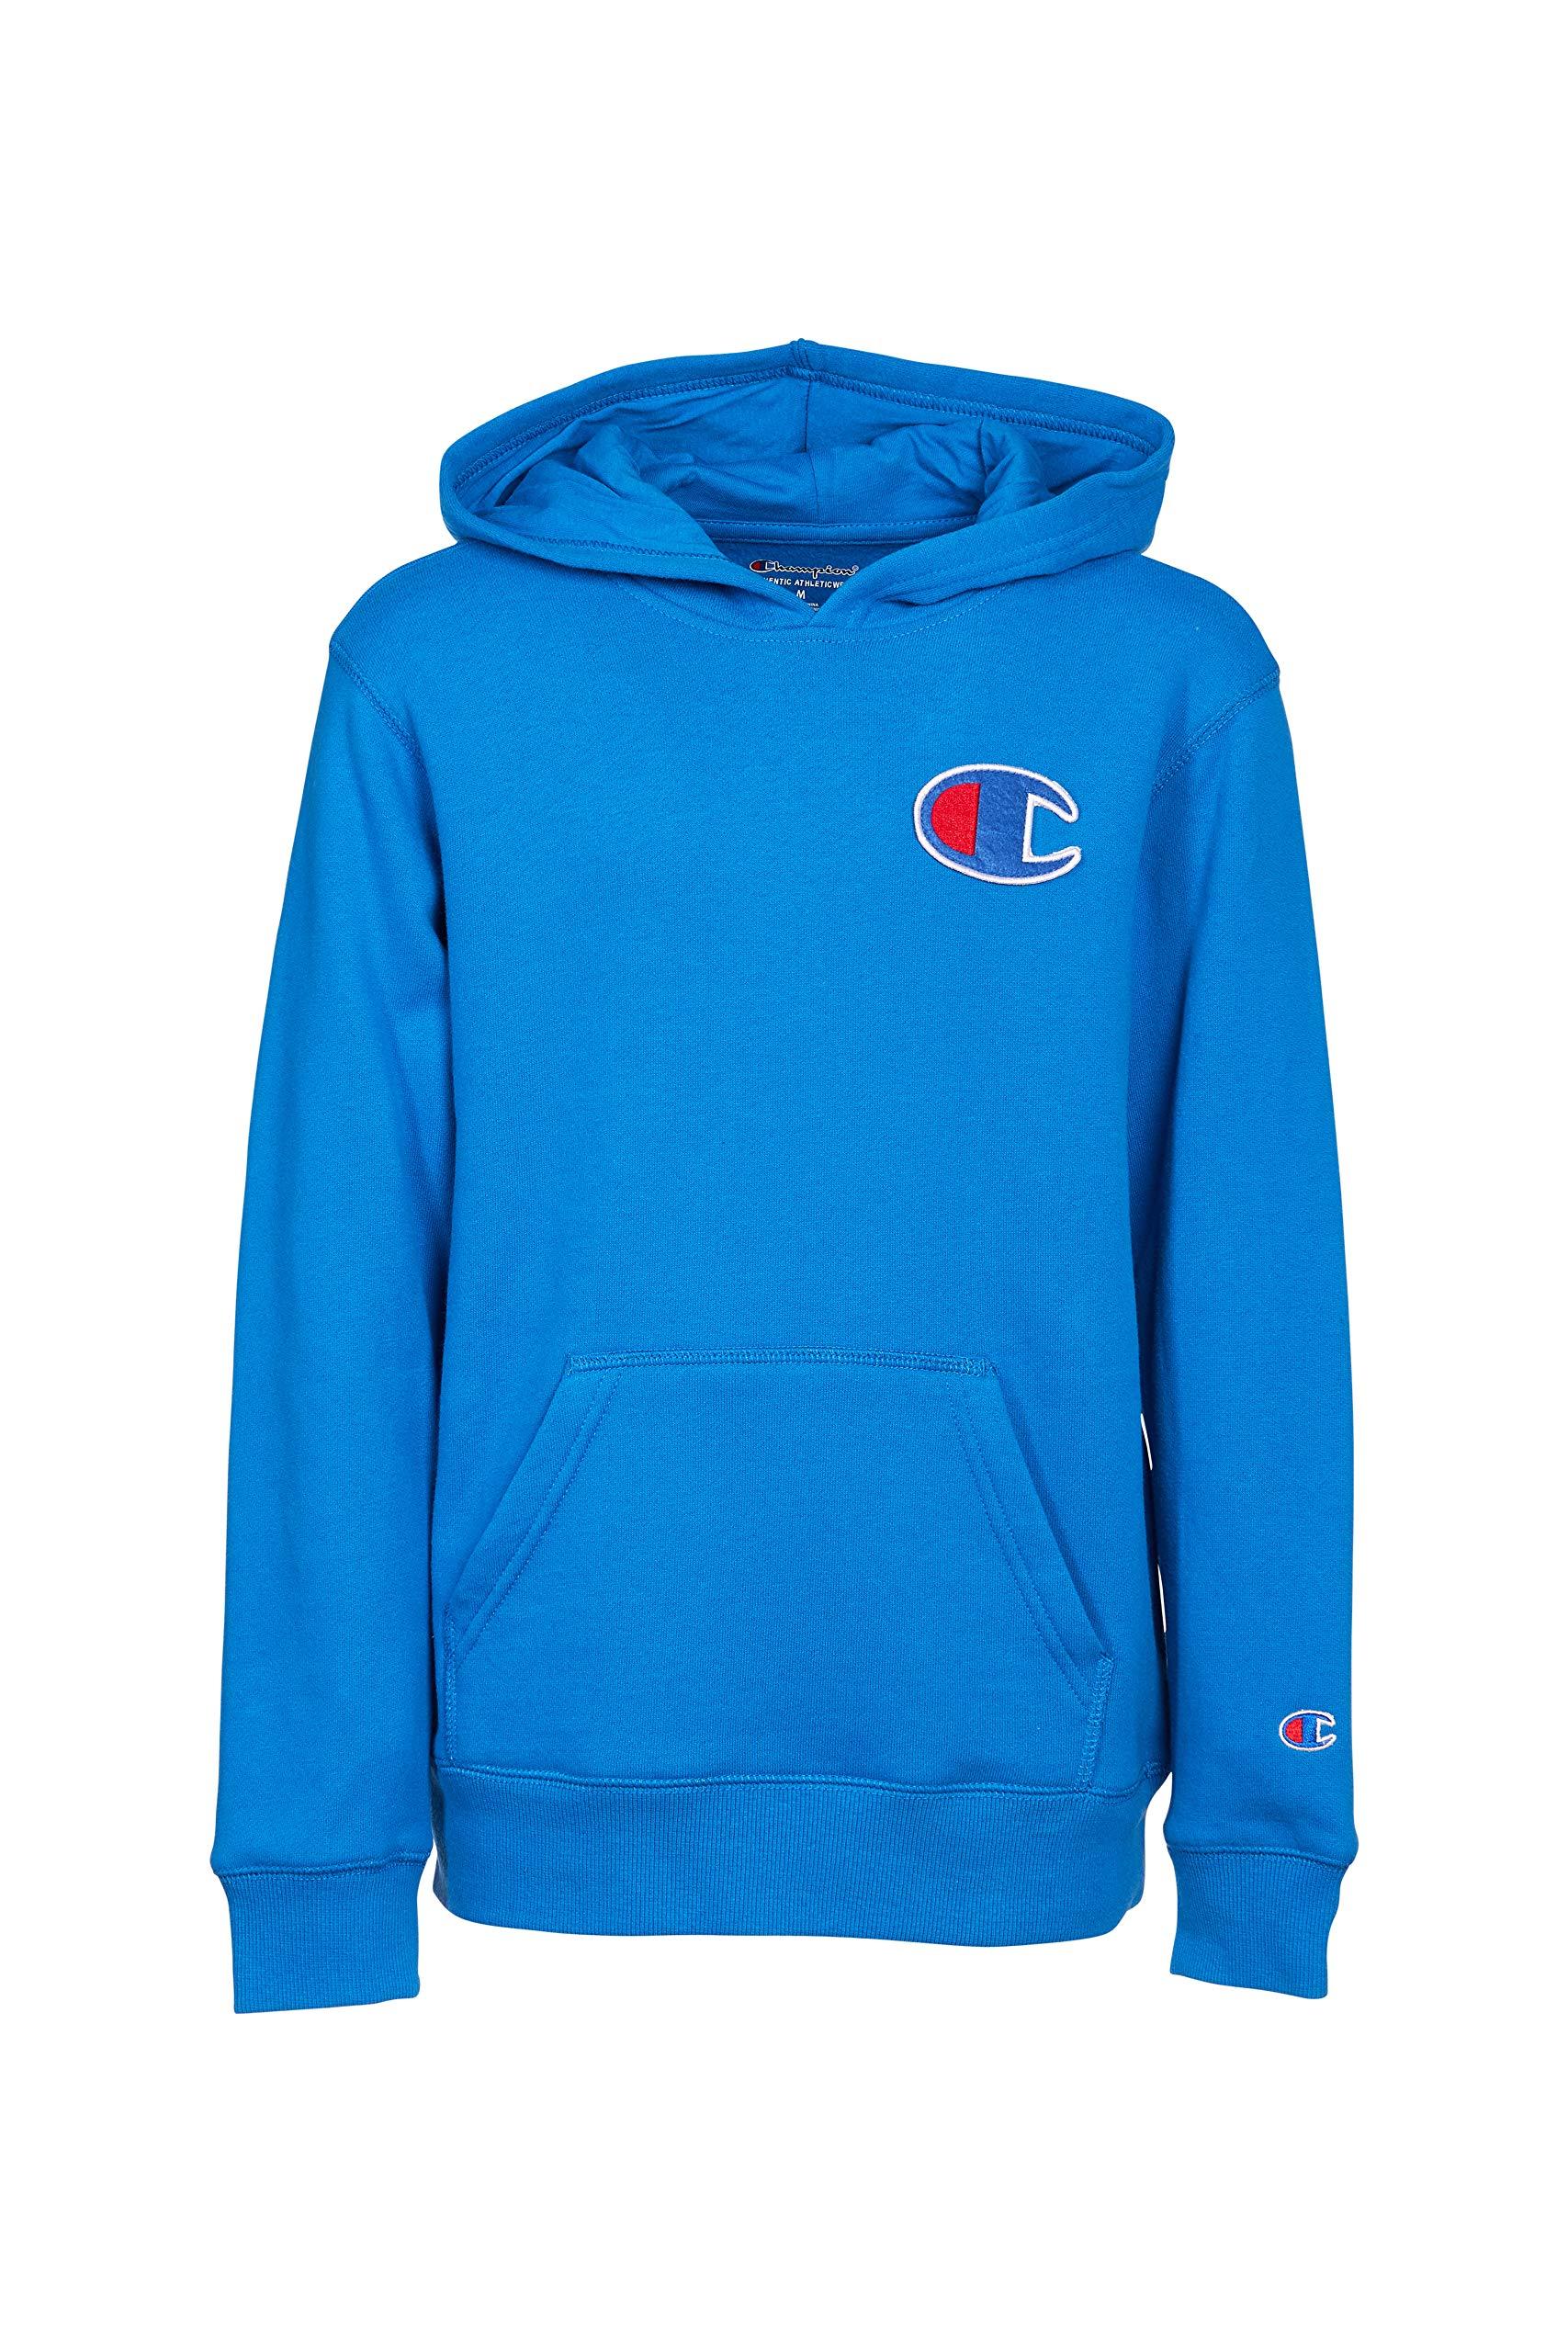 Champion Youth Heritage Fleece Sweatshirt Big and Little Boys